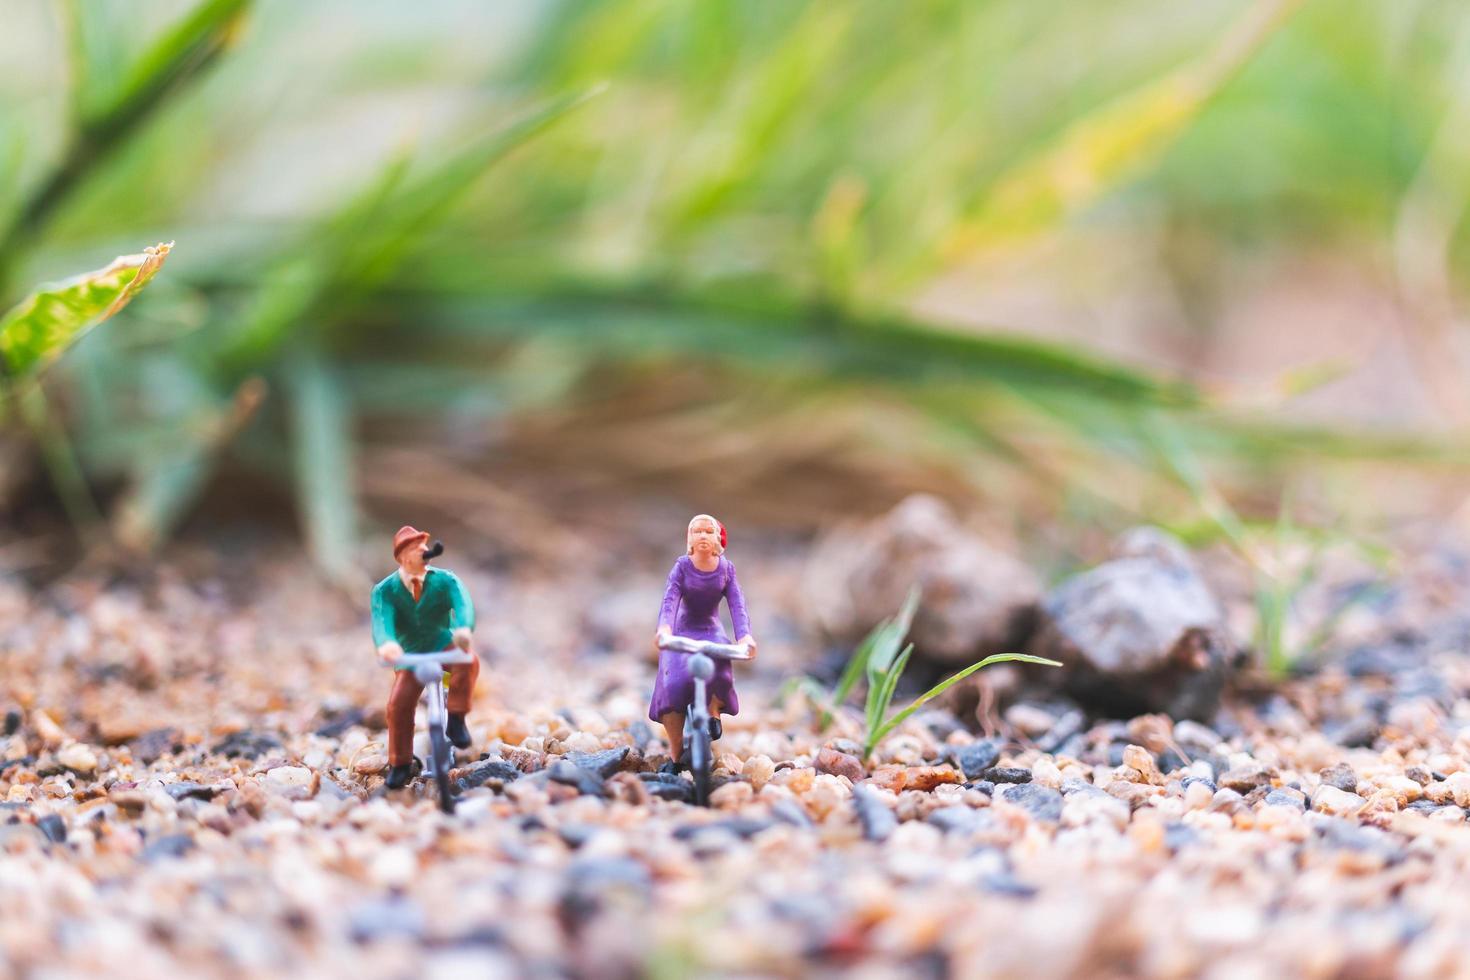 miniatuurreizigers die fietsen, het wereldconcept verkennen foto